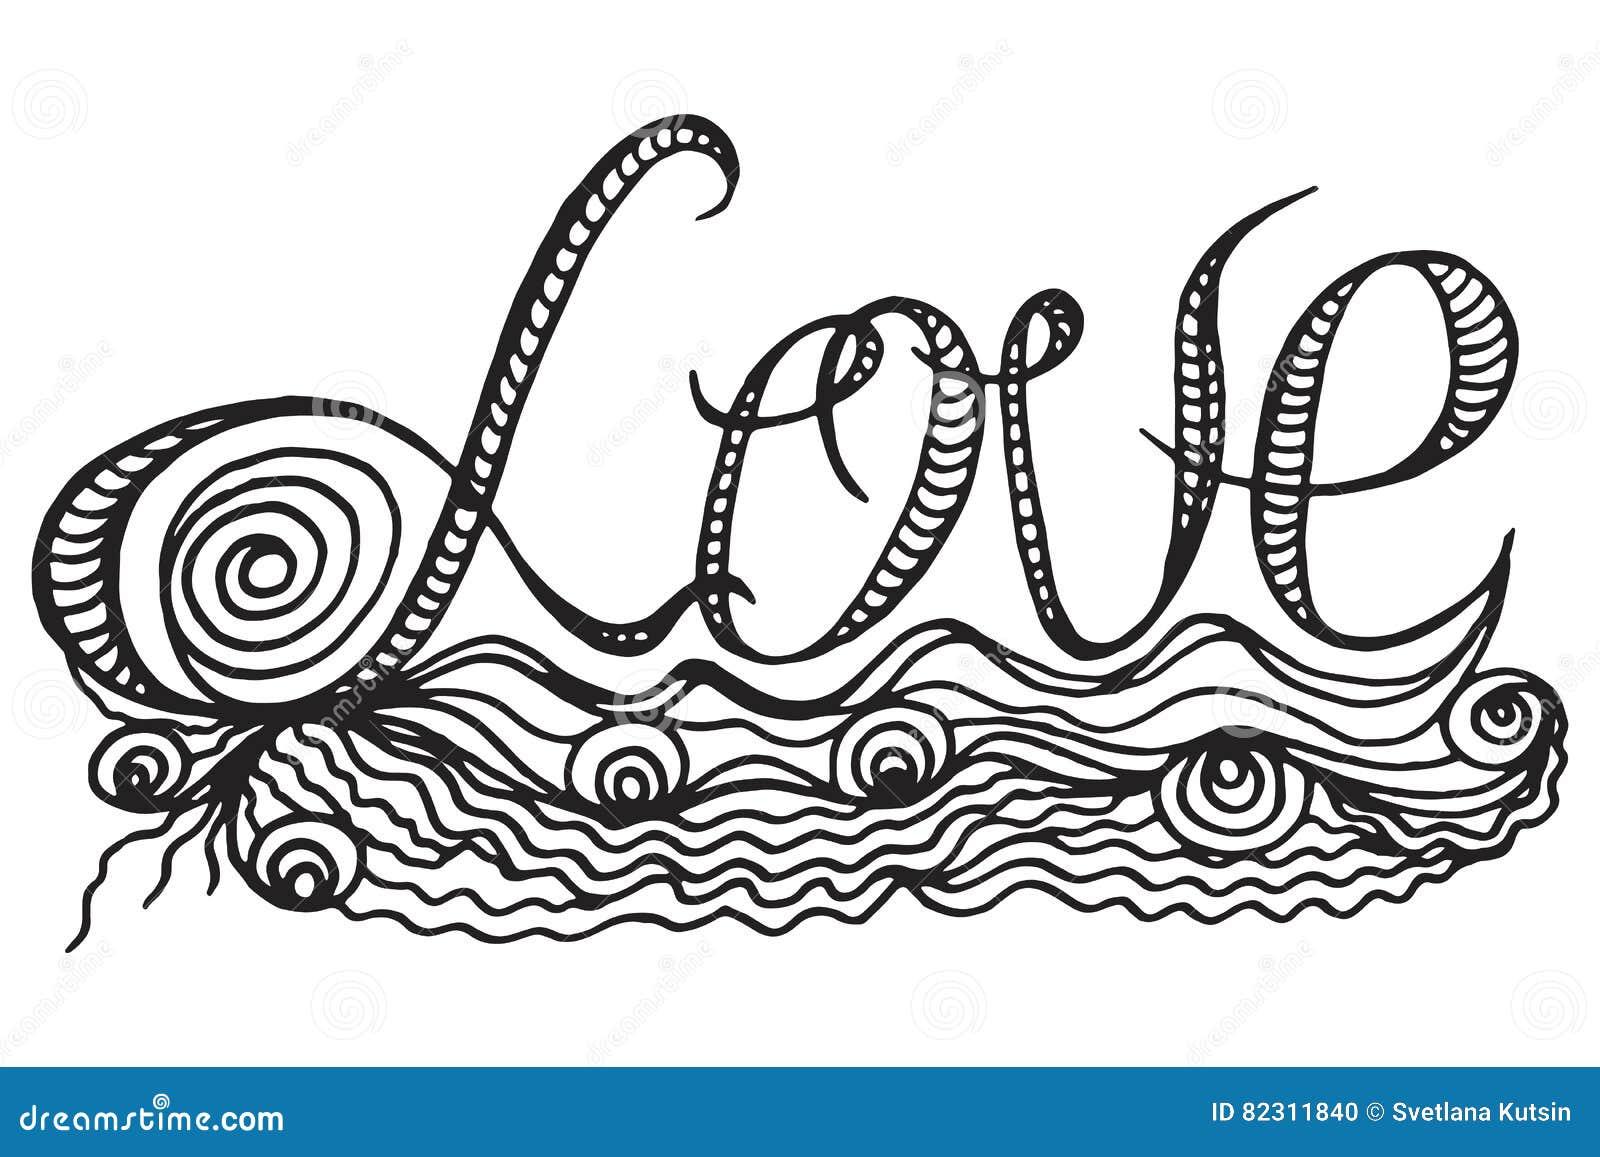 Amor Decorativo Del Texto Libro De Colorear Para Los Niños Adultos Y ...